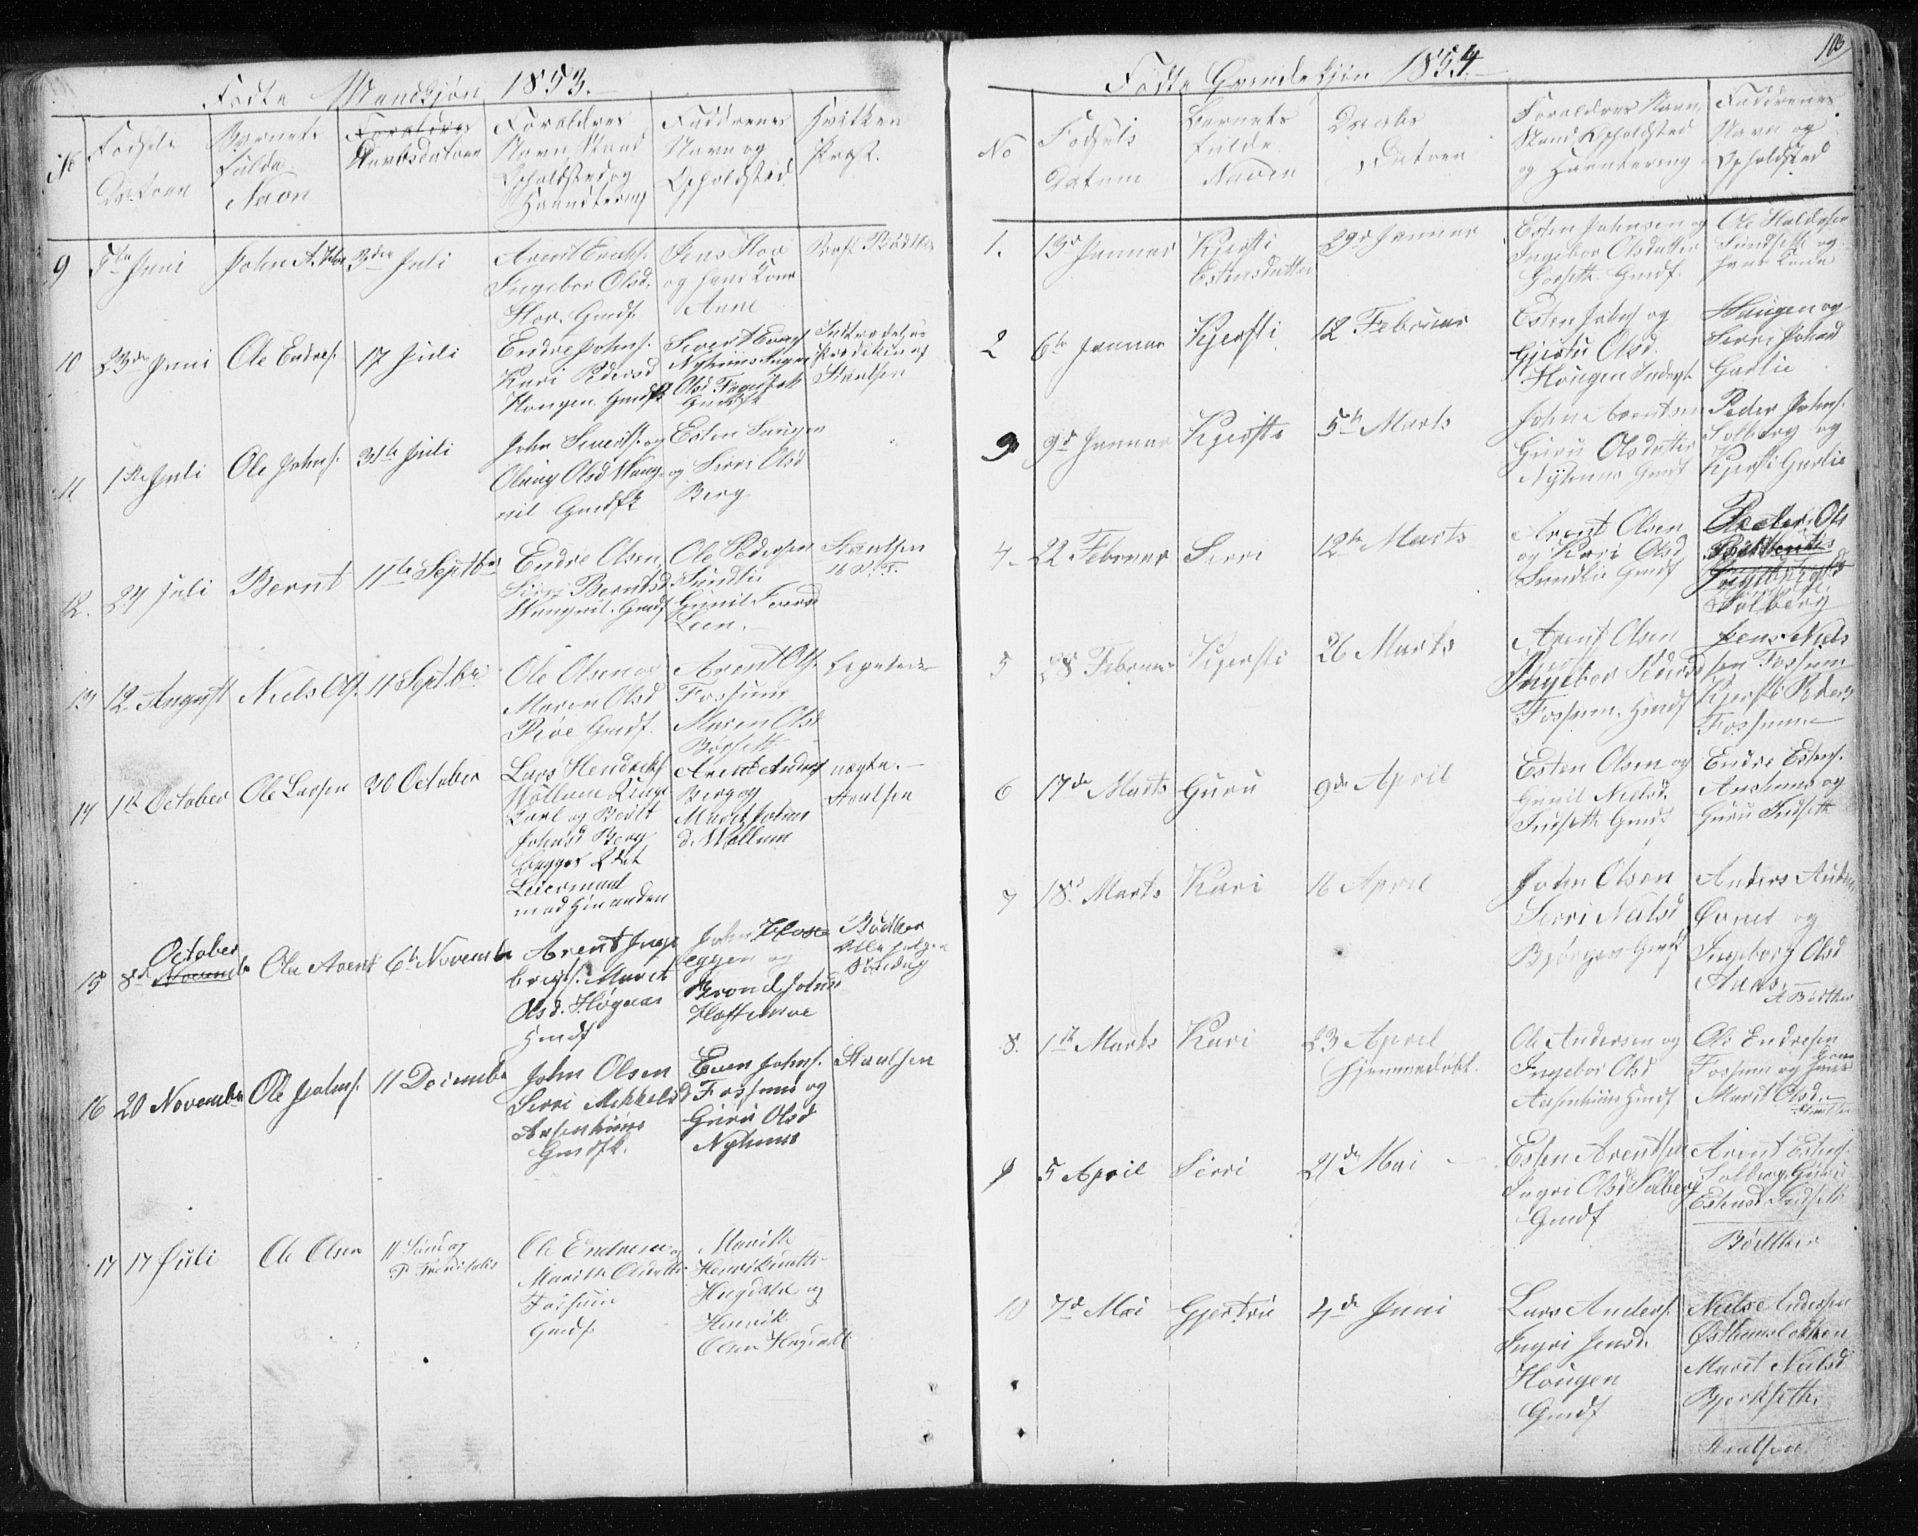 SAT, Ministerialprotokoller, klokkerbøker og fødselsregistre - Sør-Trøndelag, 689/L1043: Klokkerbok nr. 689C02, 1816-1892, s. 105